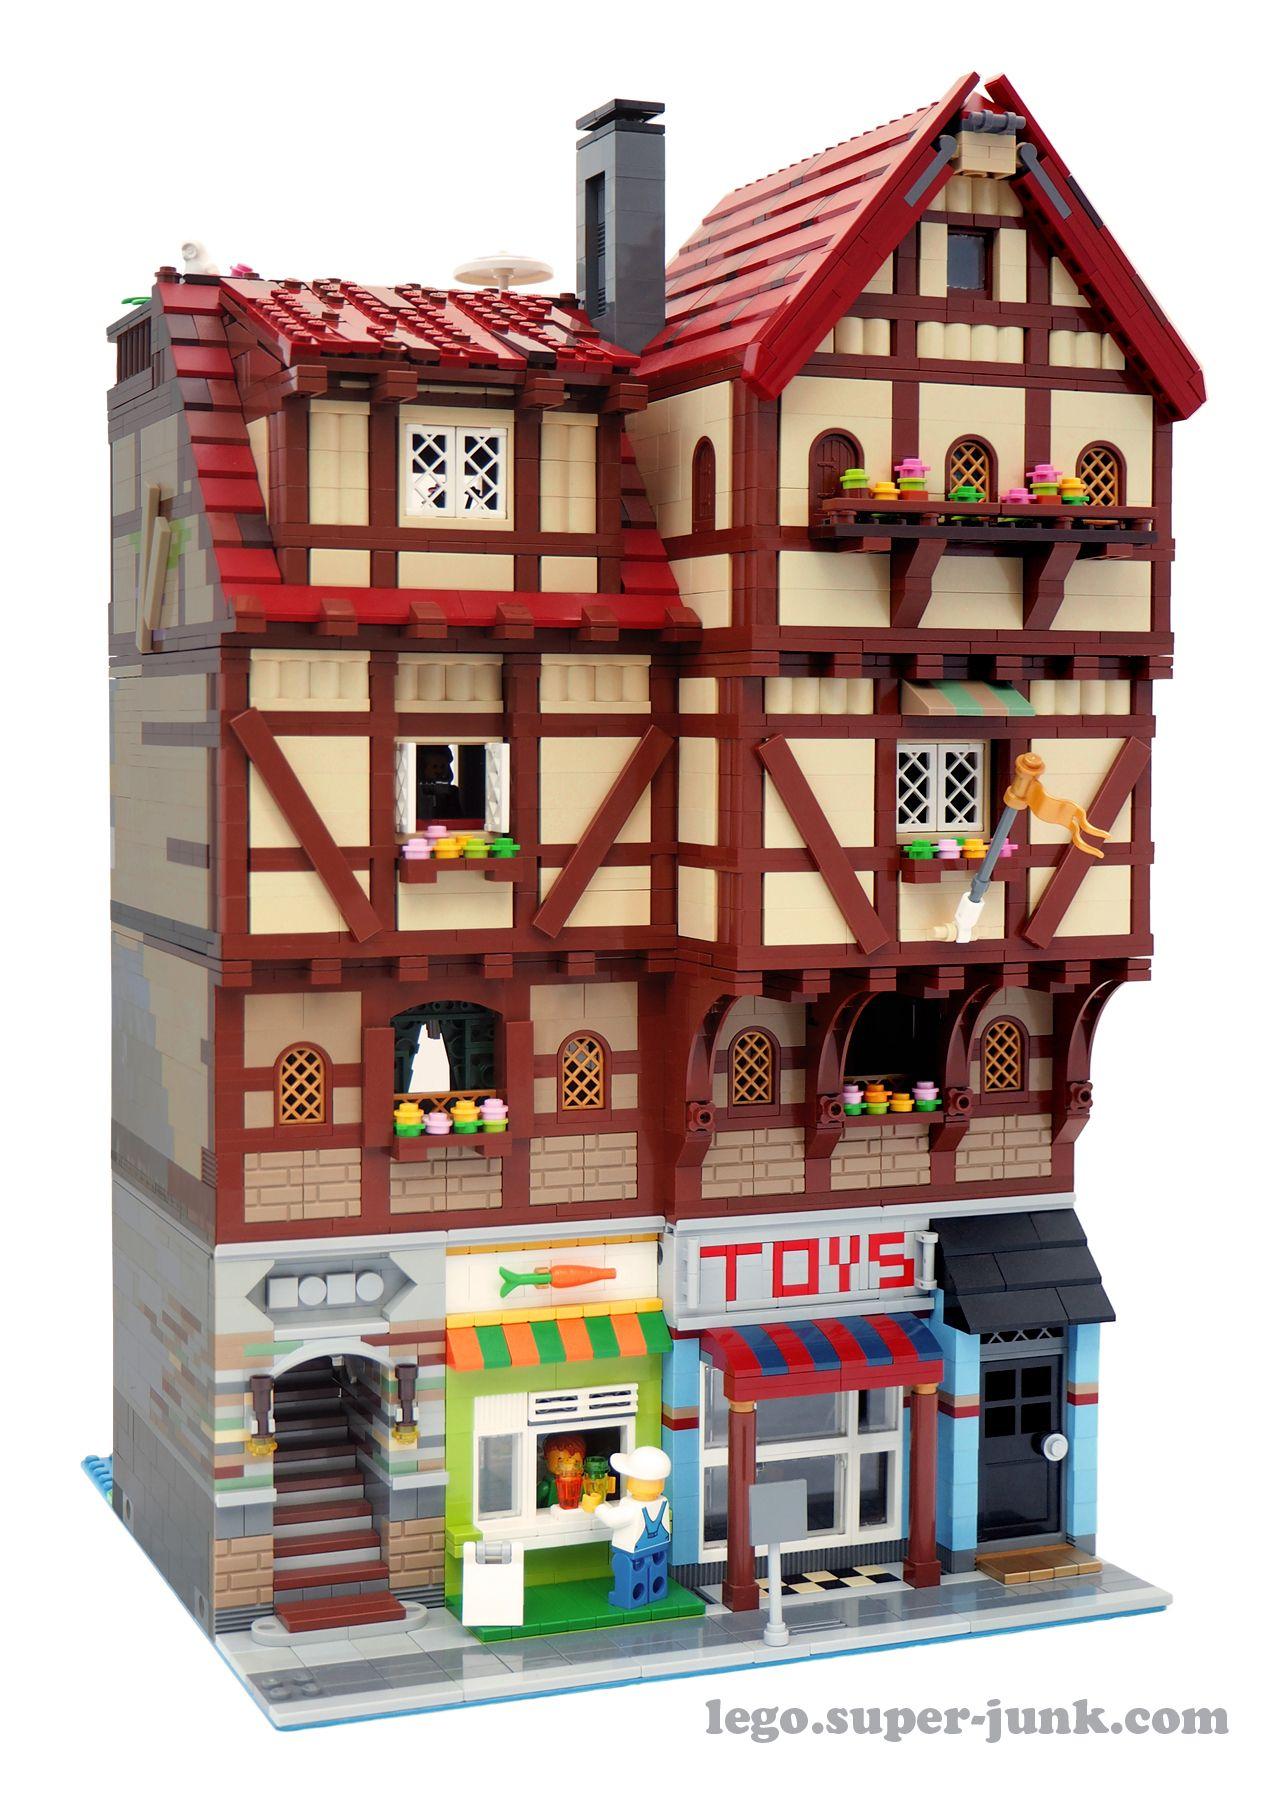 Current Version rebuilt facade Lego modular, Lego haus